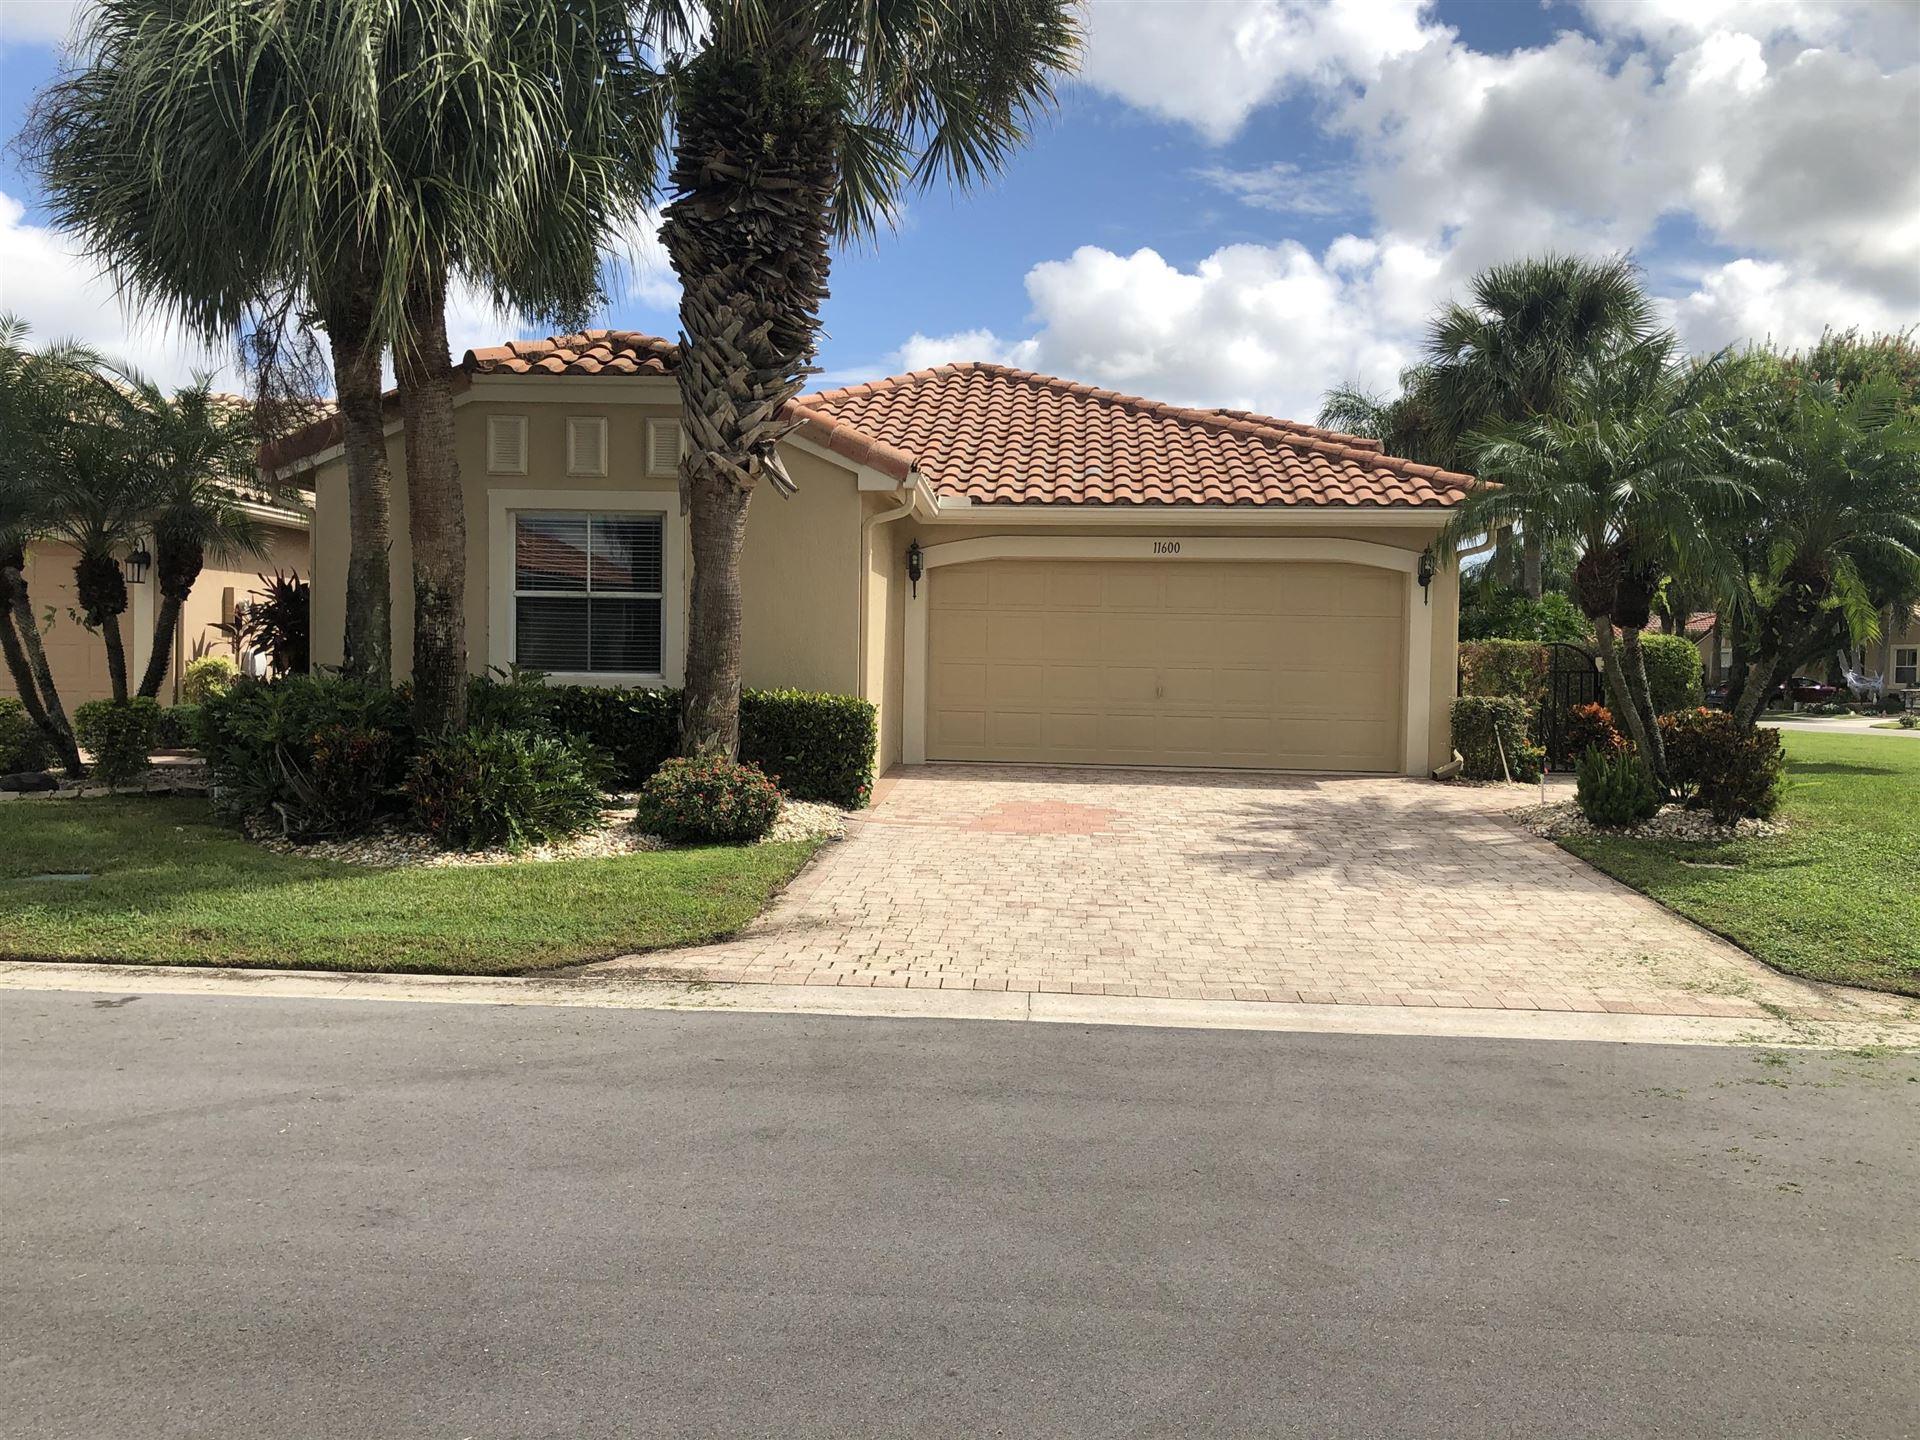 11600 Augustus Drive, Boynton Beach, FL 33437 - #: RX-10663099